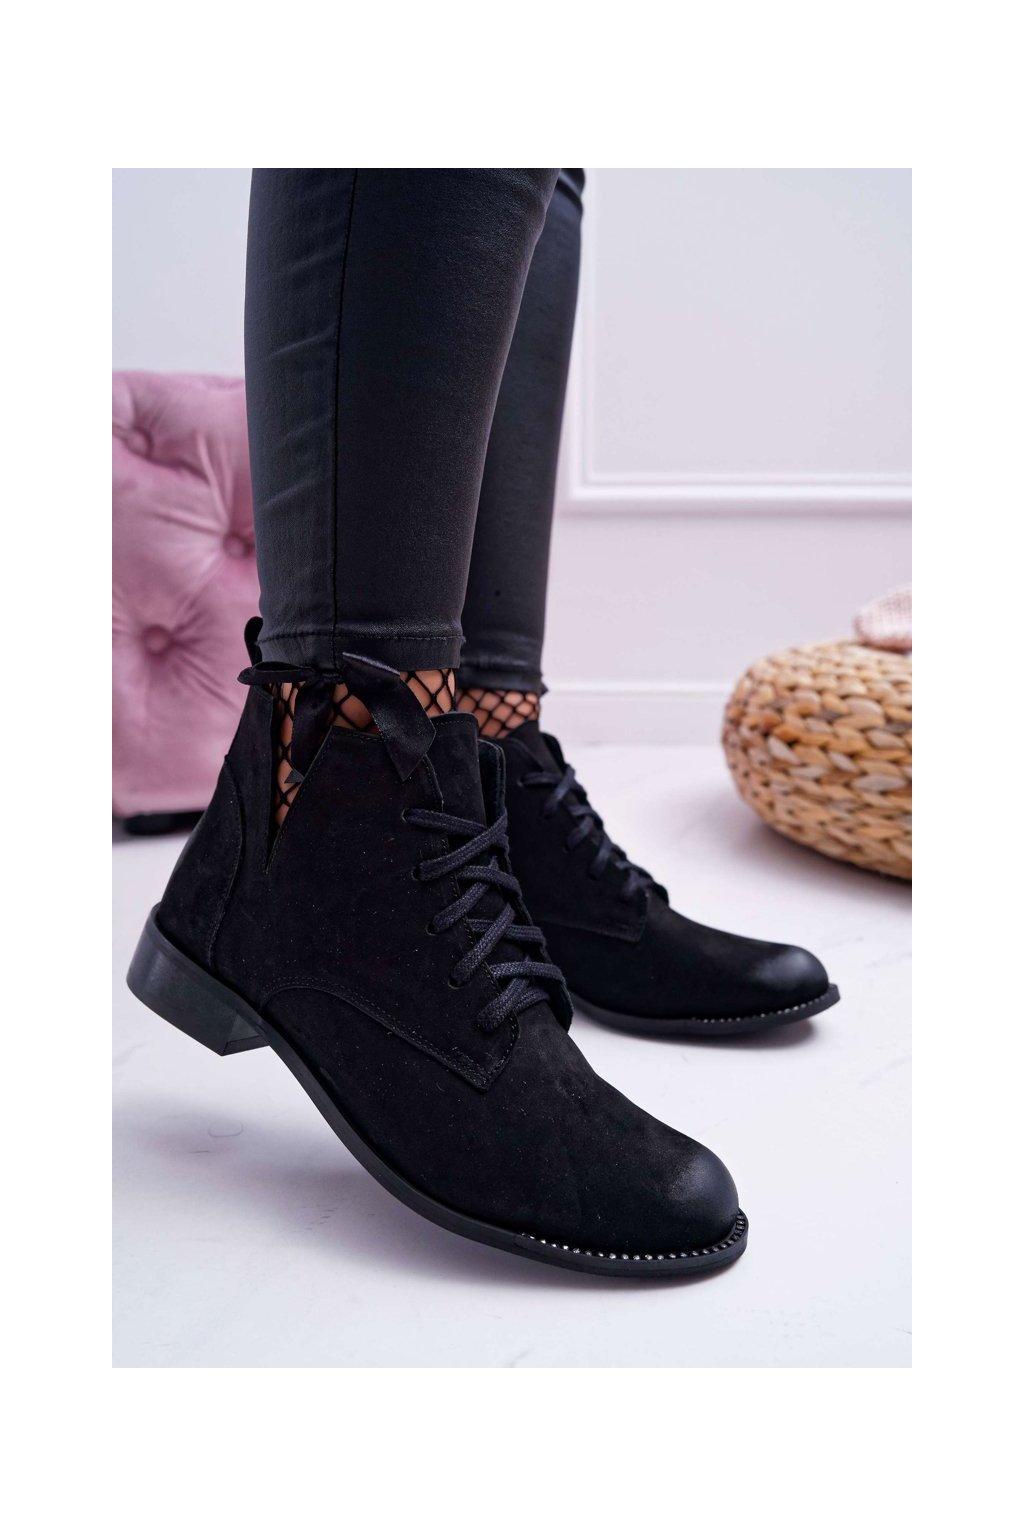 Členkové topánky na podpätku farba čierna kód obuvi 2420 BLK/N